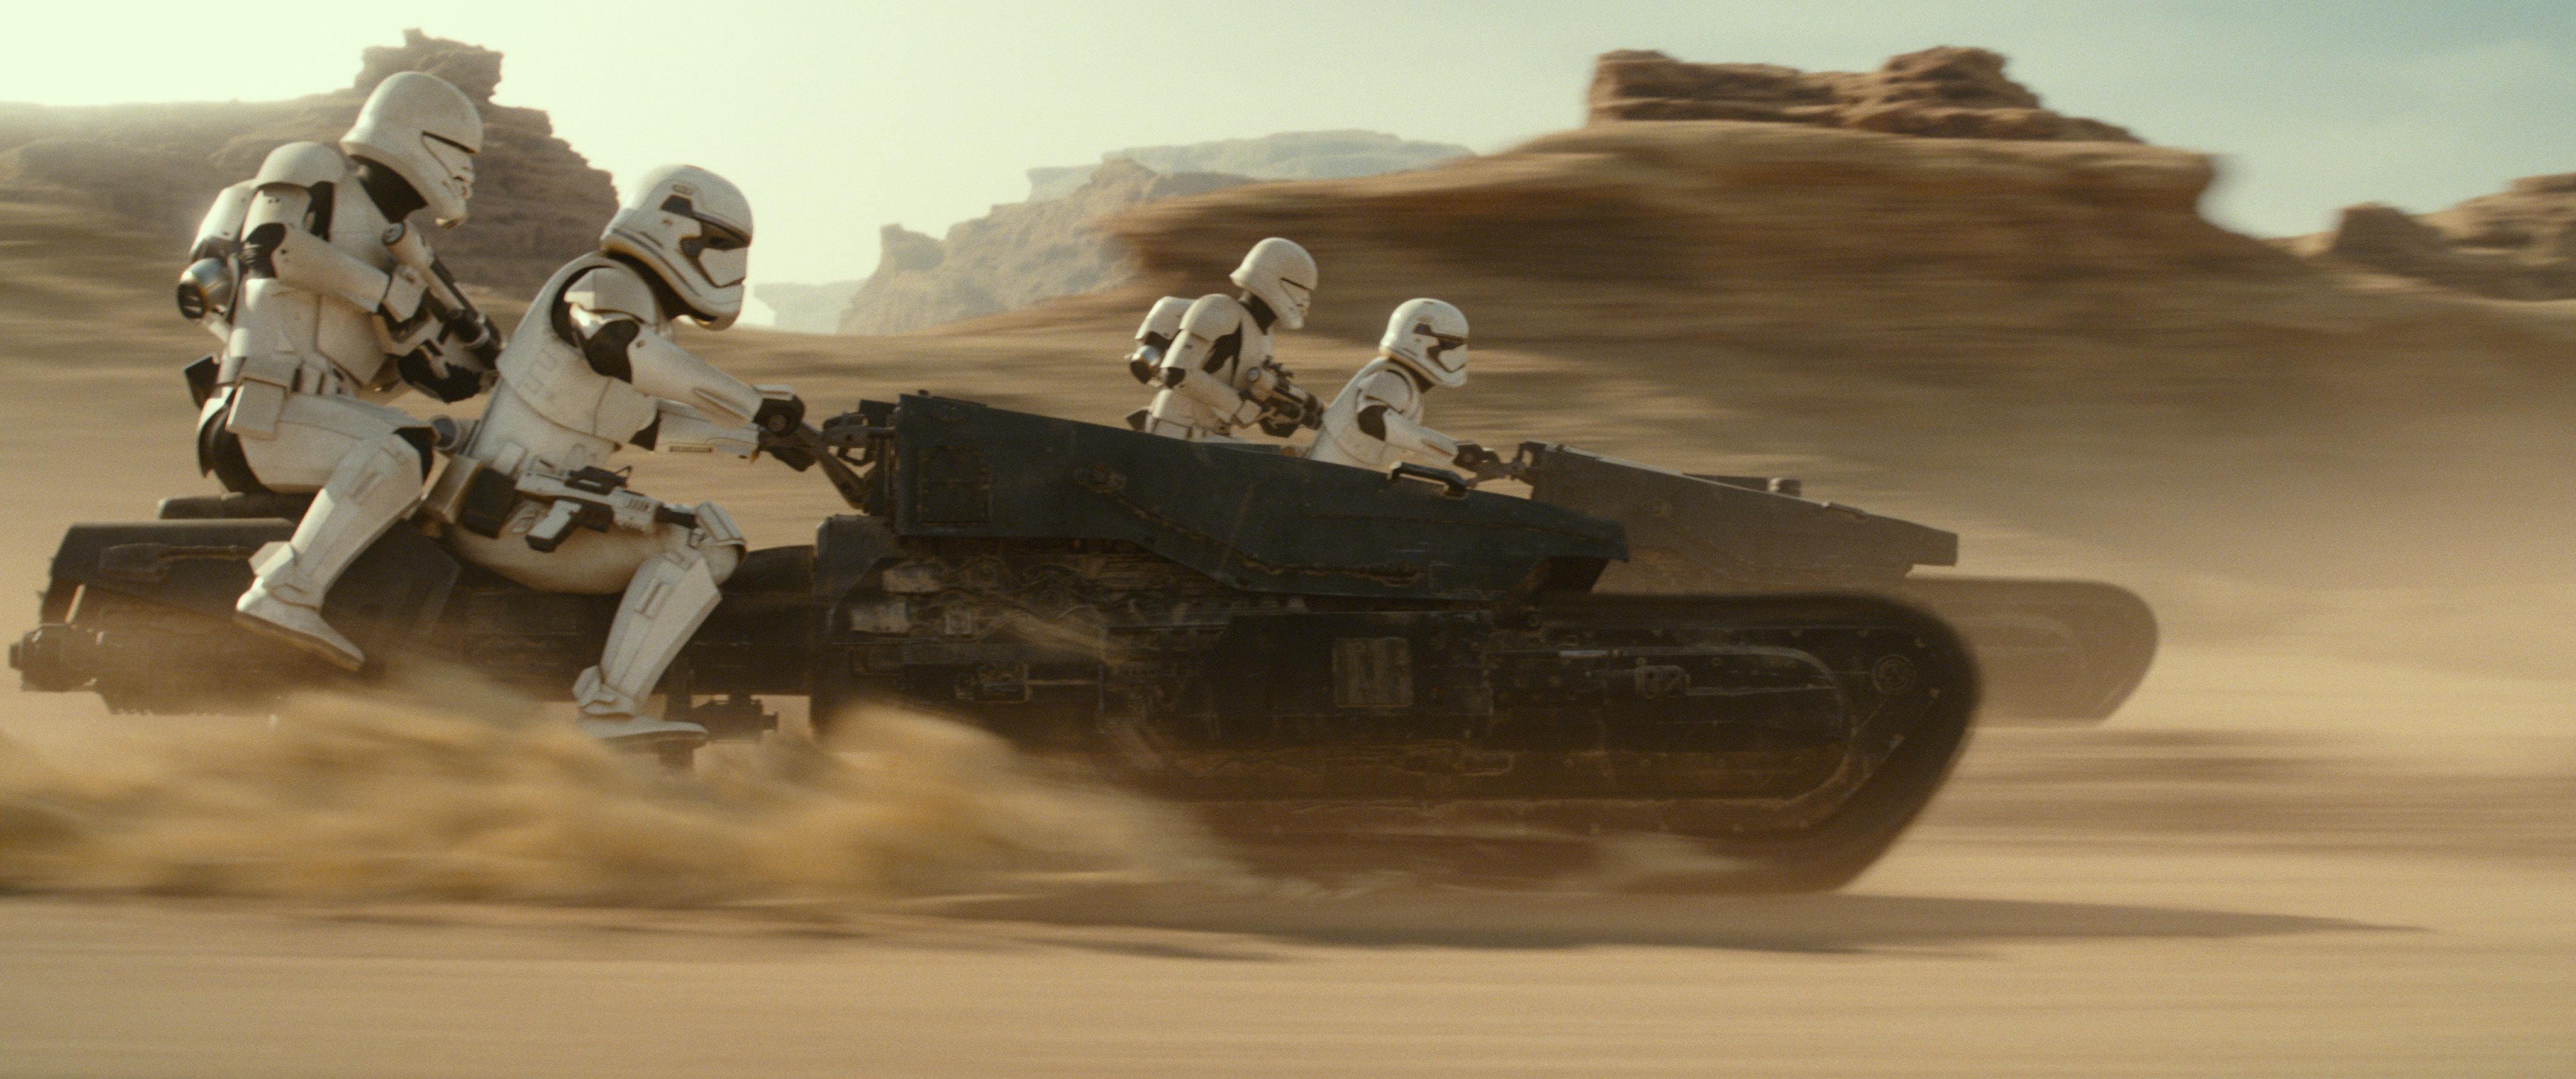 Gli Stormtrooper non mollano